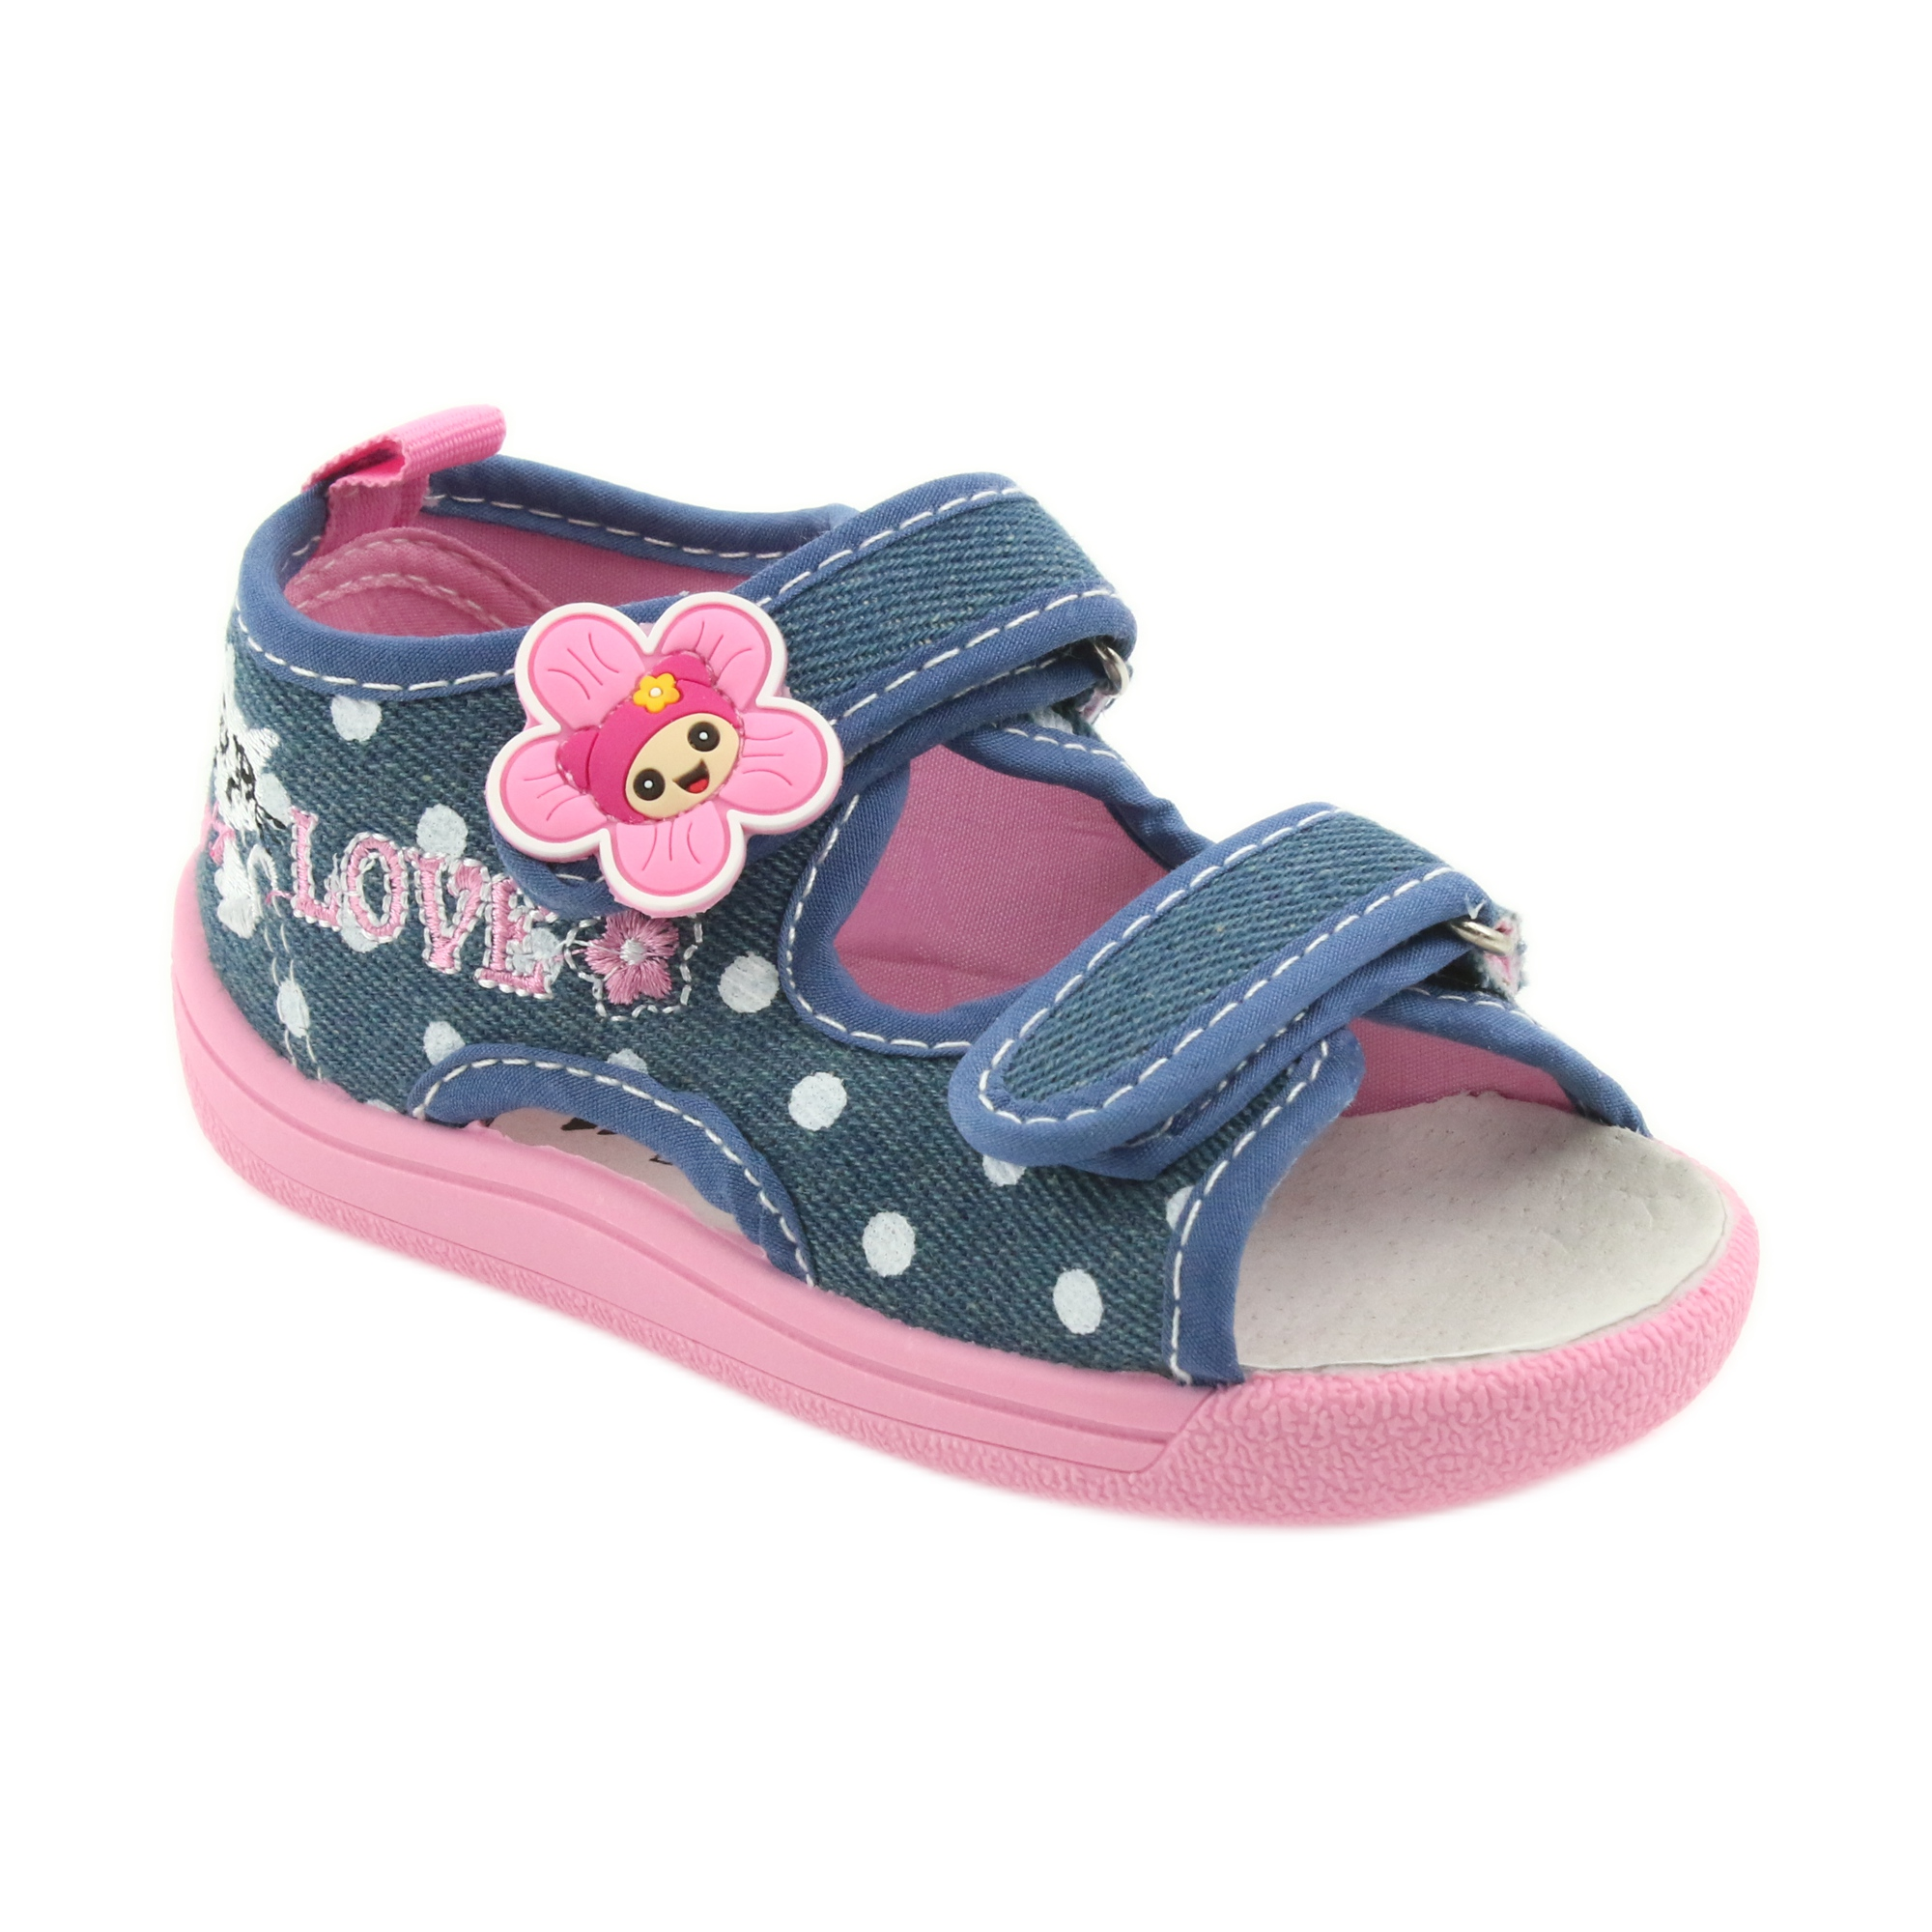 1c639fba American Club Børns sko tøfler sandaler jeans amerikanske kitty 39/19  billede 1